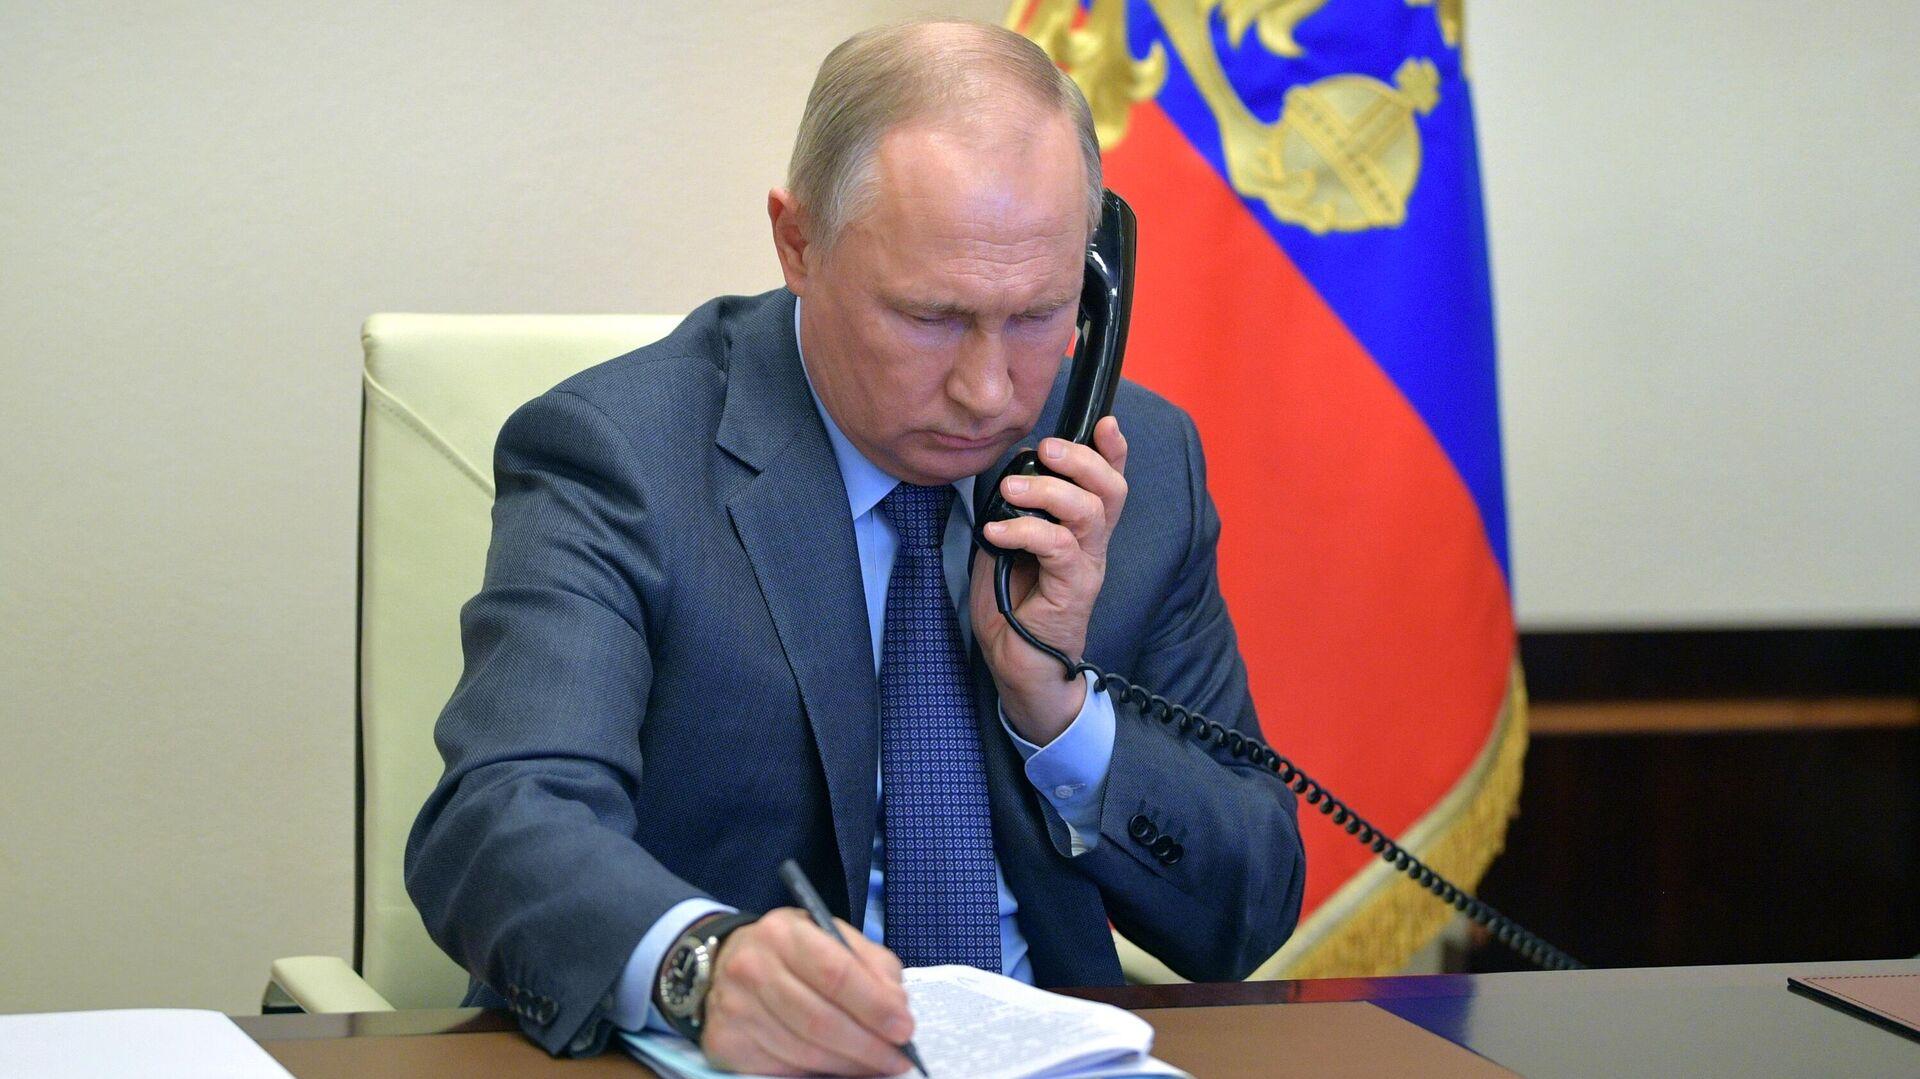 1570420389 0:242:2998:1928 1920x0 80 0 0 8fd76cf38f7850dad8464f8714c1e9f2 - Путин обсудил с президентом Южной Кореи кооперацию в борьбе с COVID-19